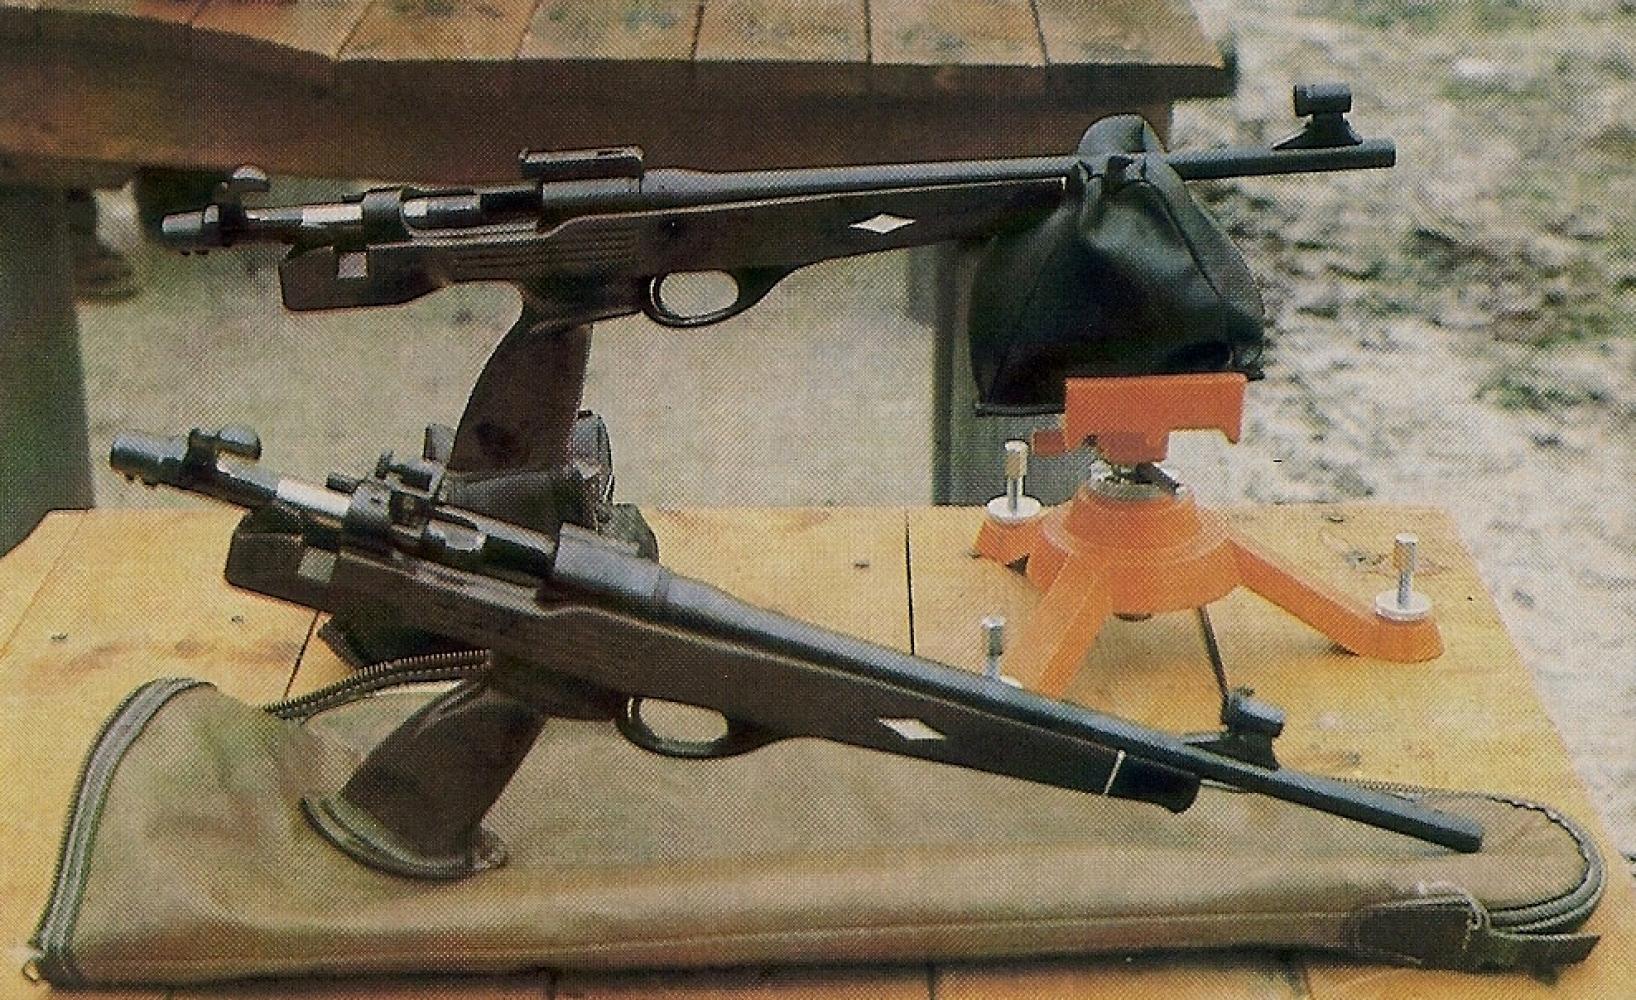 Le Remington XP 100 chambré en calibre 7 mm IHMSA est le pistolet le plus précis à 200 m que nous ayons essayé dans le cadre du tir sur silhouettes métalliques.